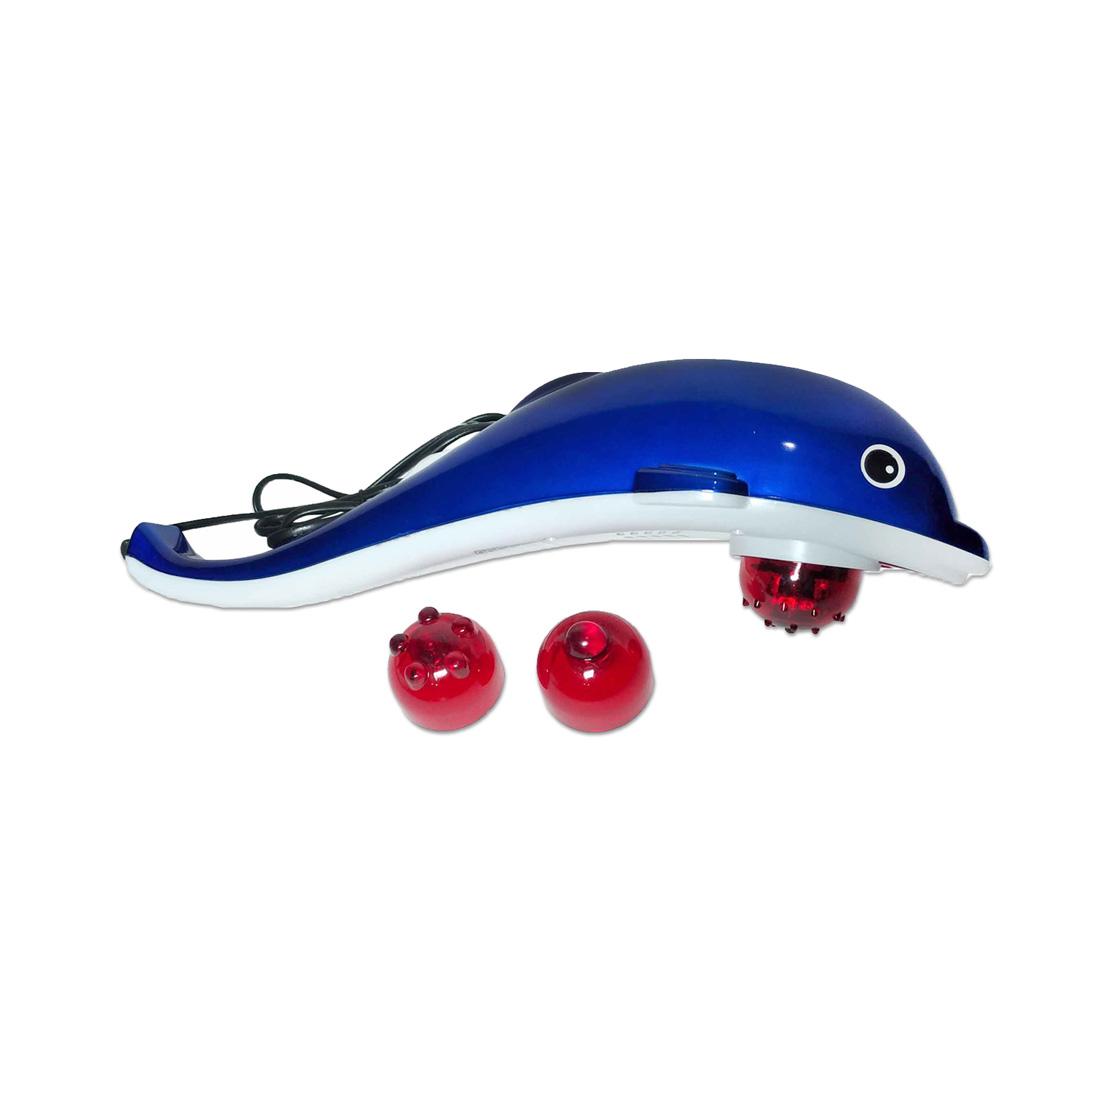 ماساژور مادون قرمز - ماساژور دلفینی - ماساژور برقی دلفینی - ماساژور خانگی بدن